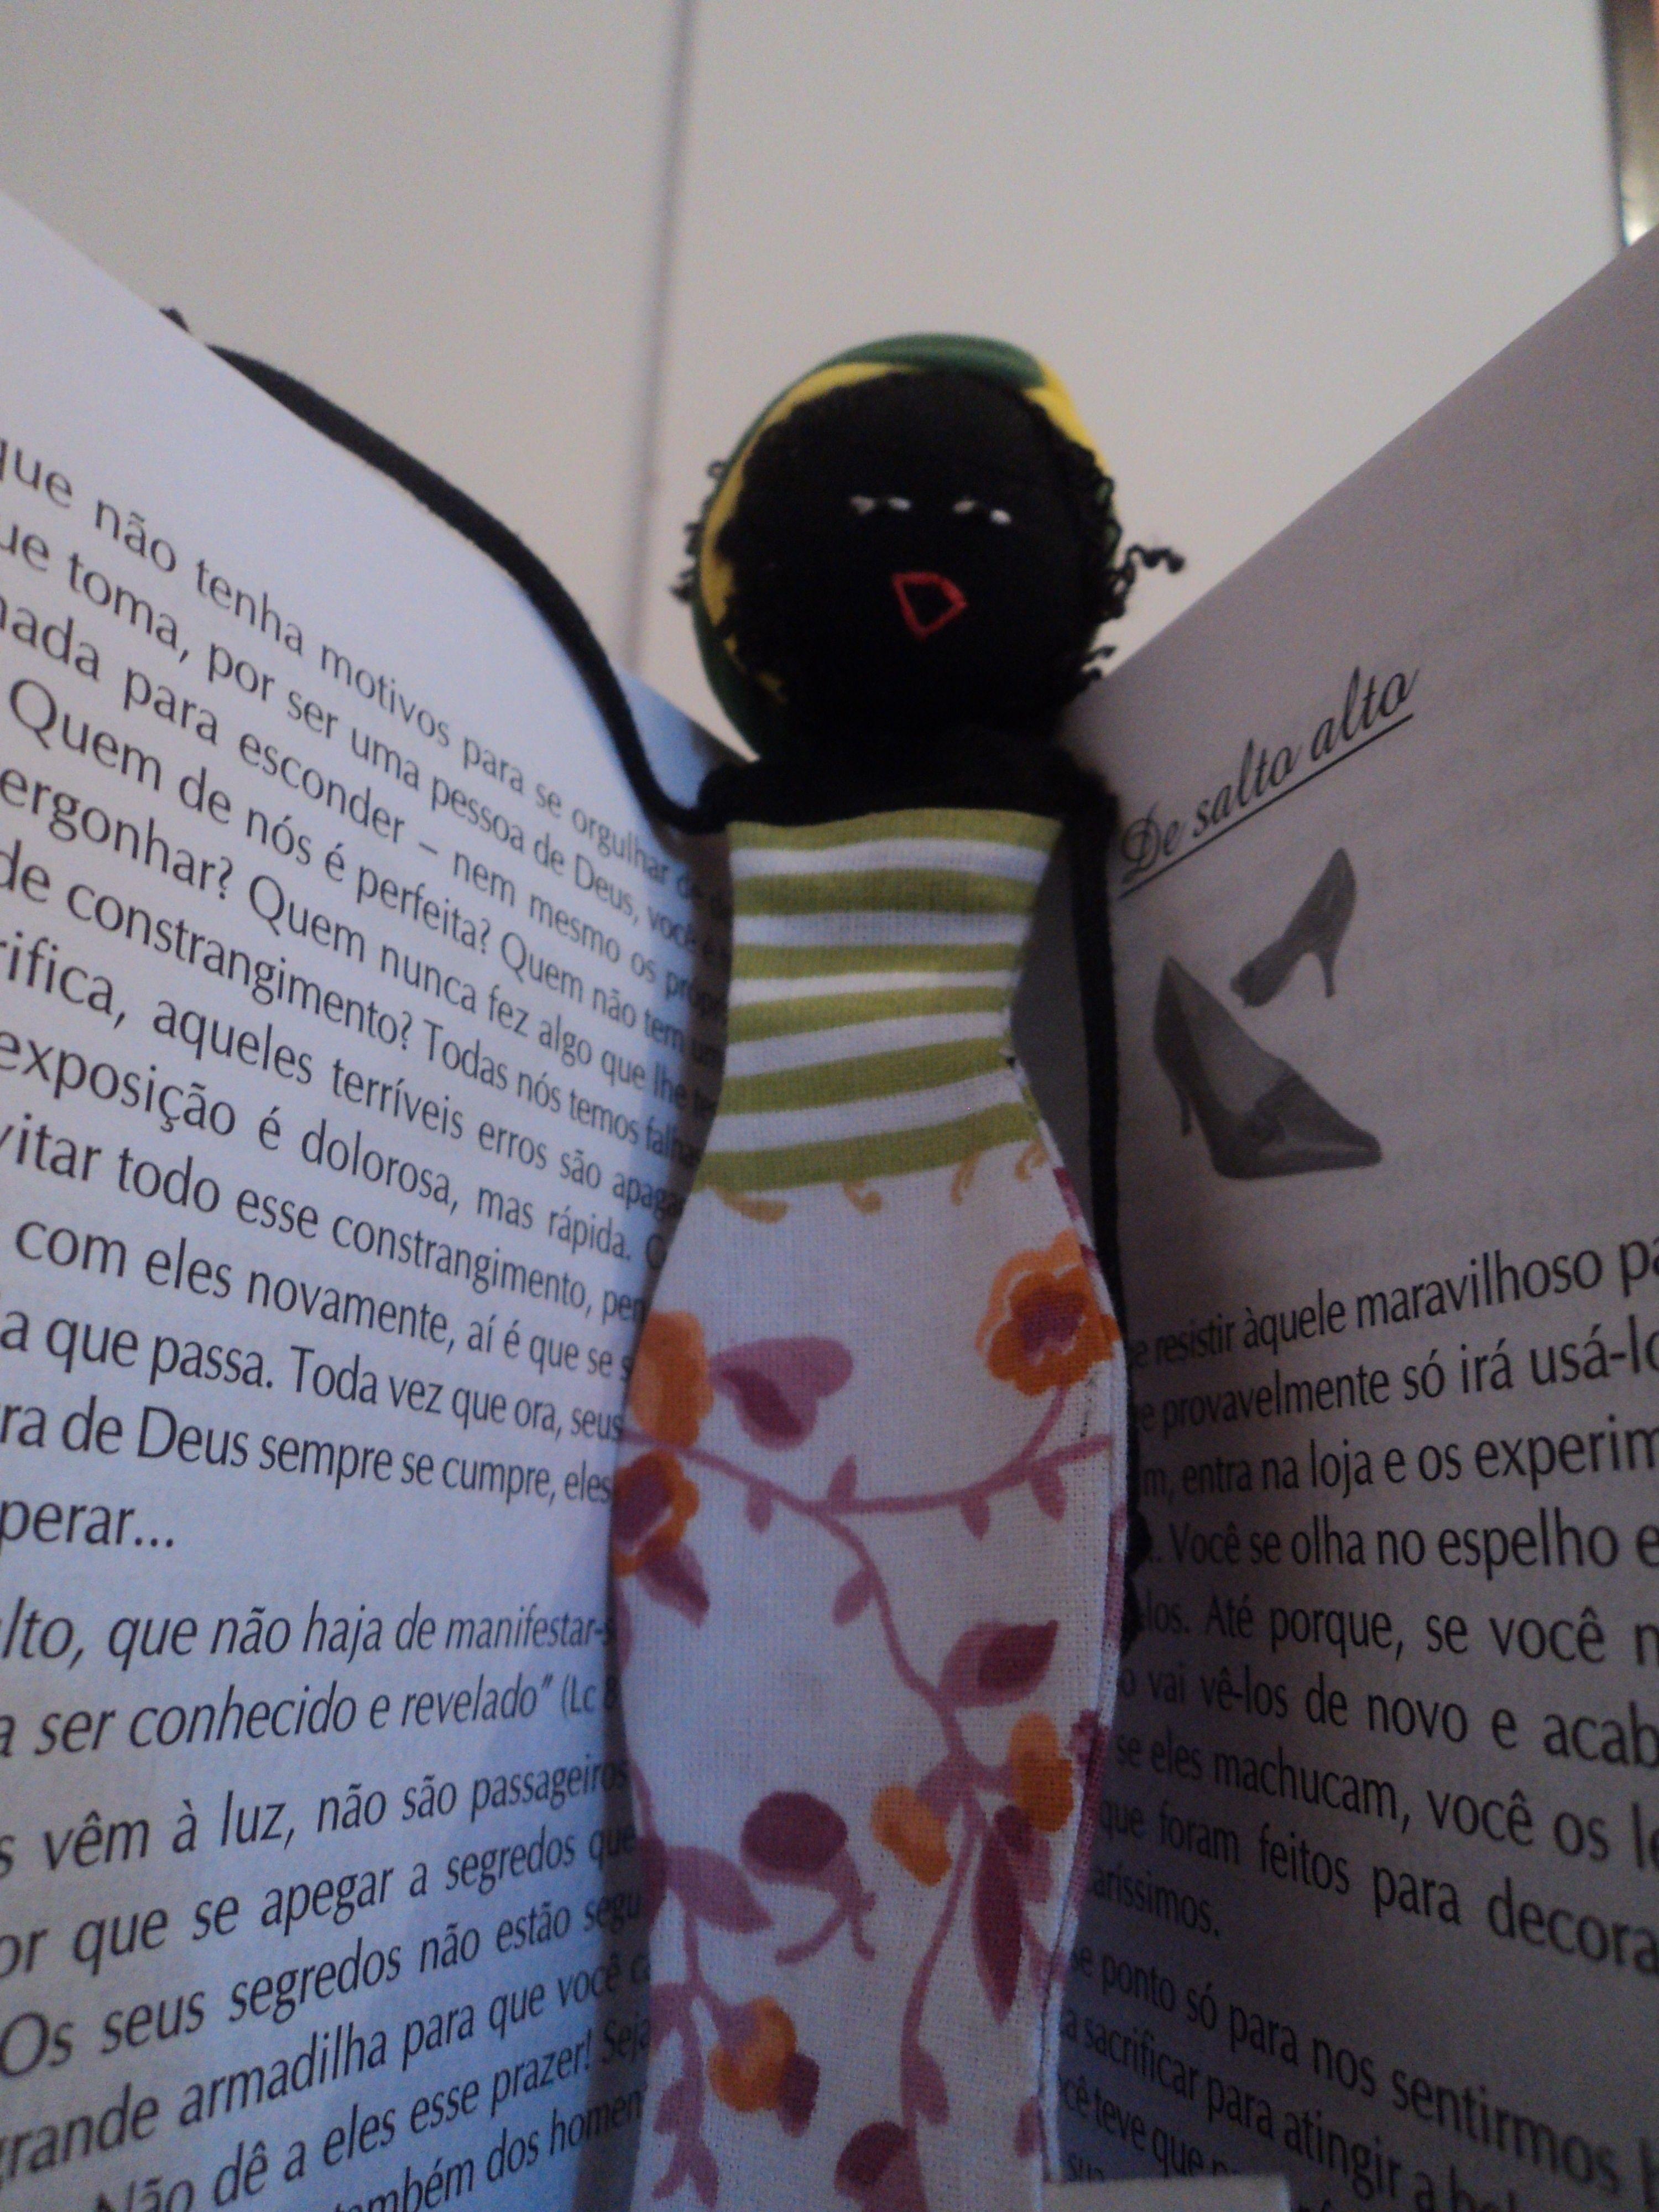 Marca Página Eleassim em tecido. Um novo olhar sobre a estética negra. Ó Pocevê! Artesanato Cultural e Pedagógico www.facebook.com/OPoceve